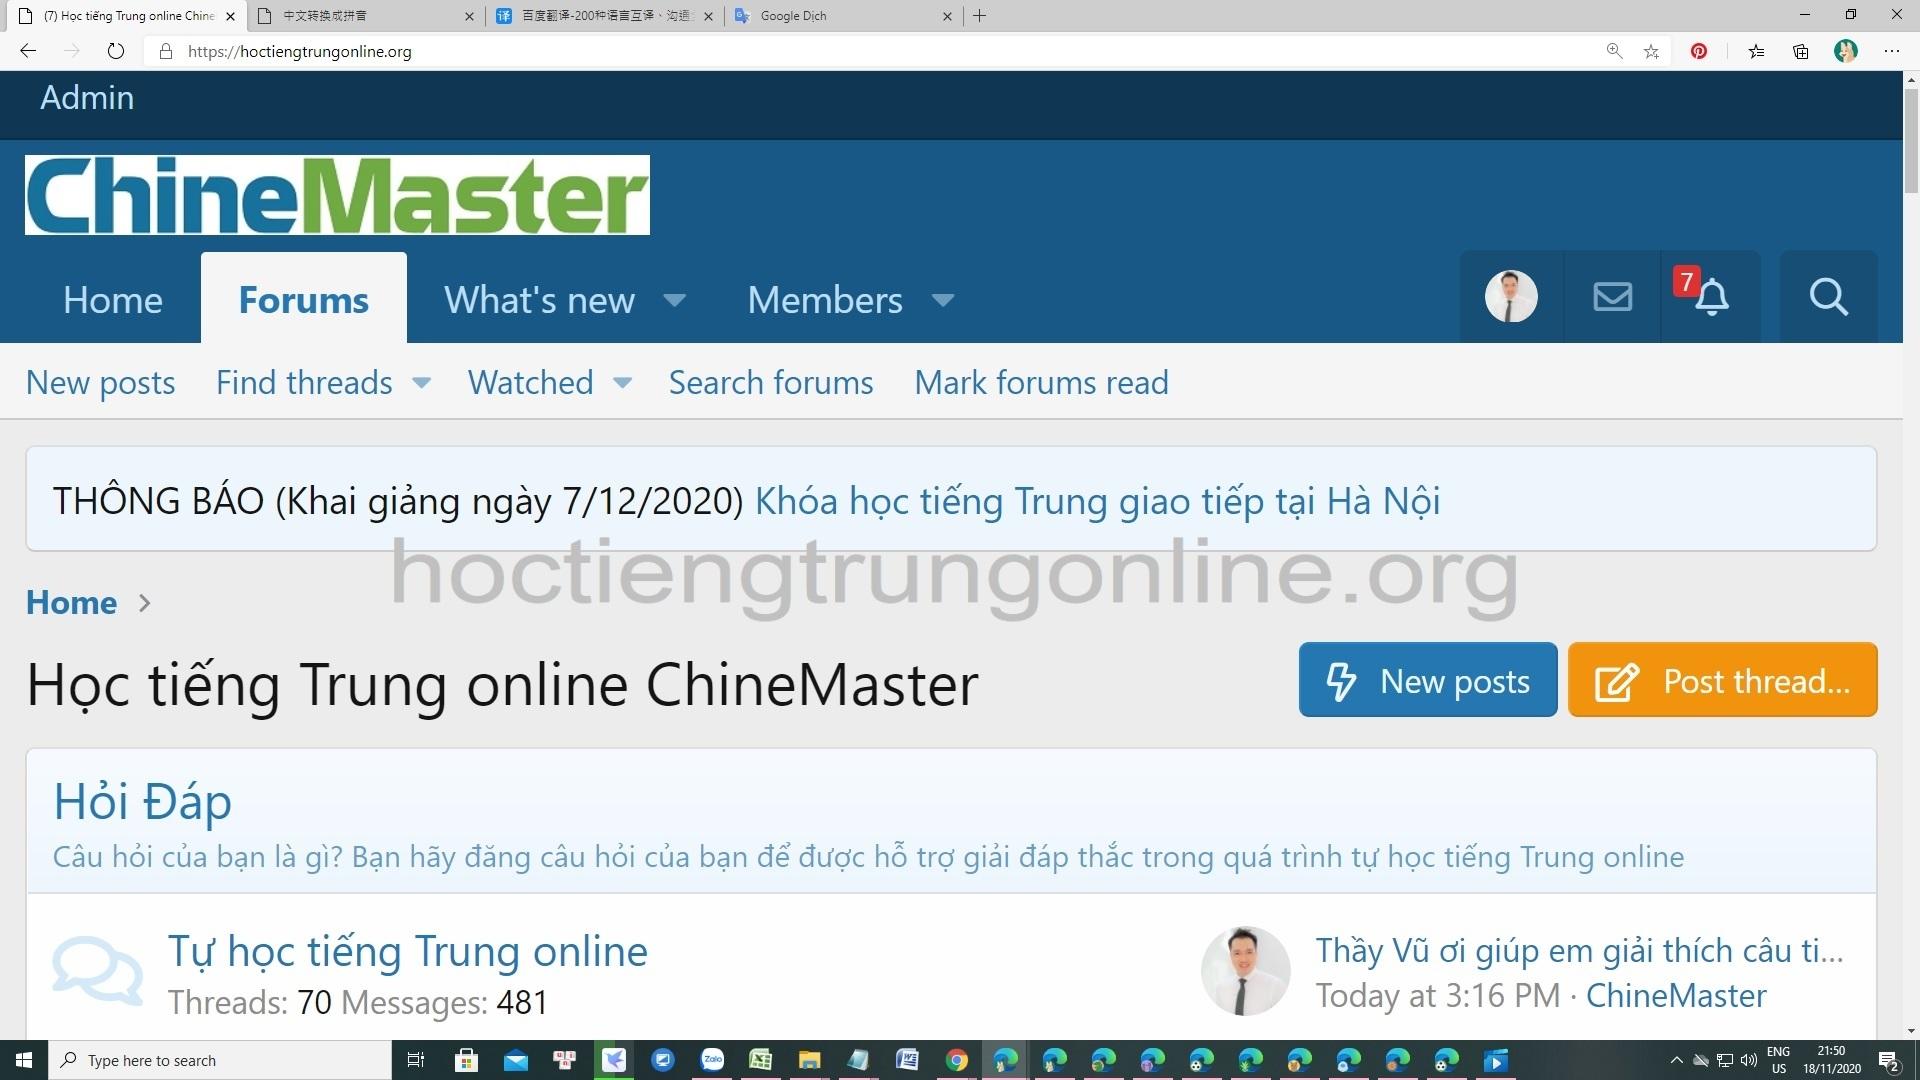 Diễn đàn học tiếng Trung HSK - Diễn đàn học tiếng Trung ChineMaster uy tín